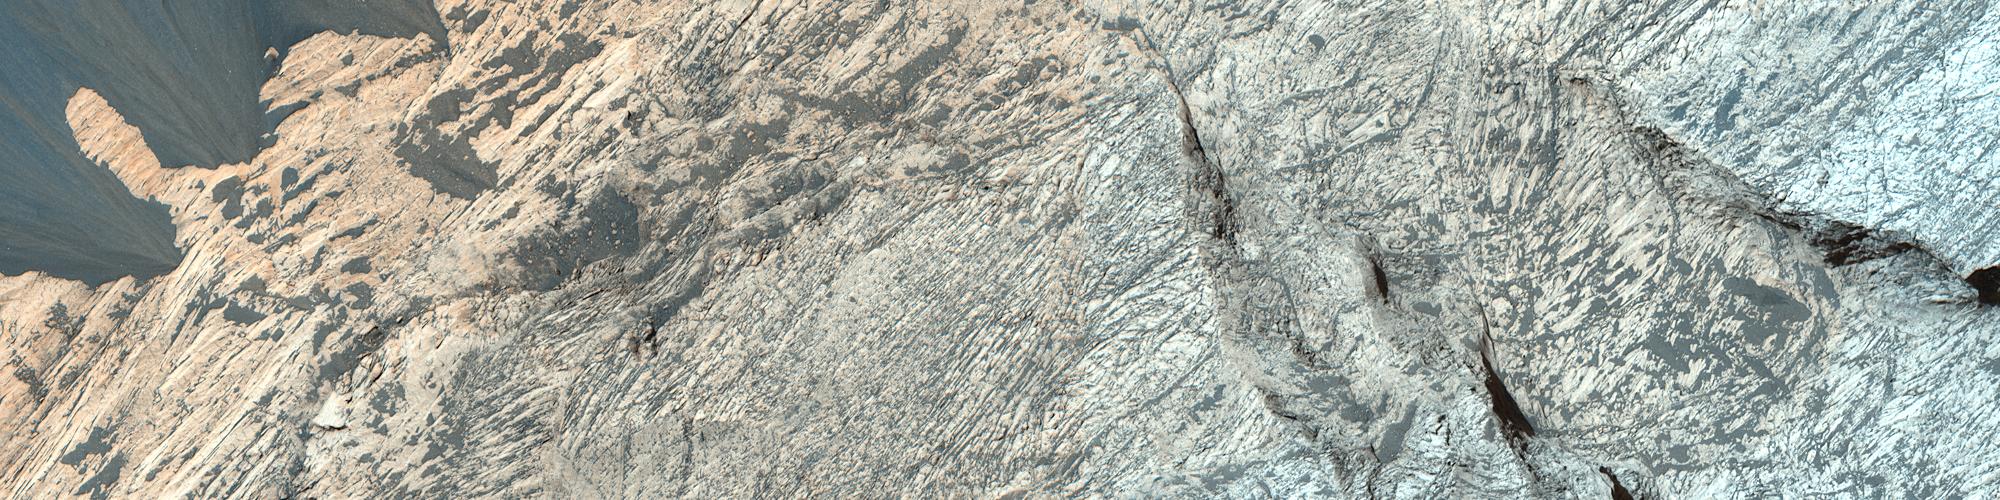 A Layered Mound in Juventae Chasma